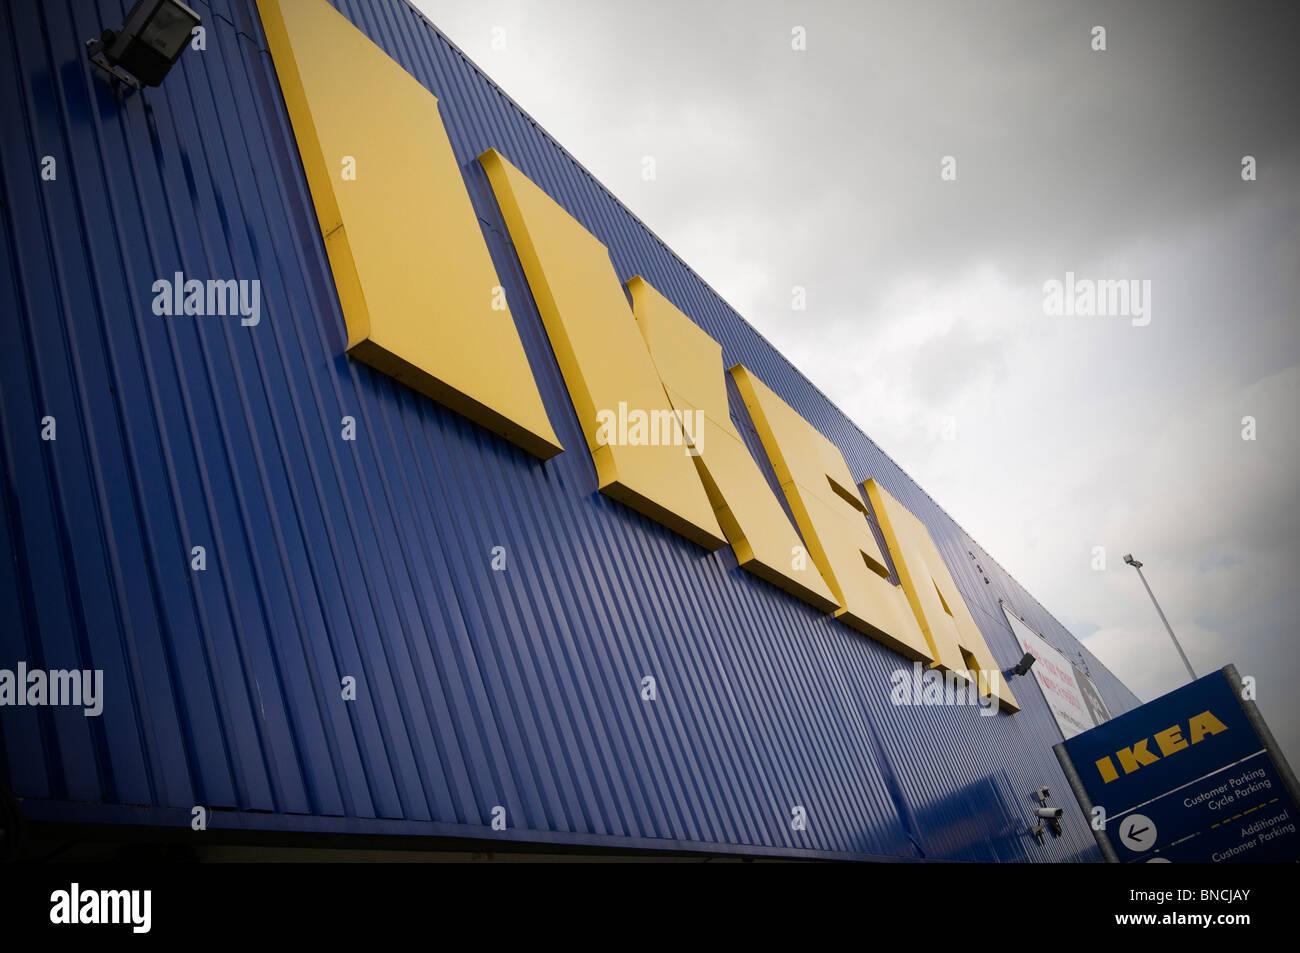 Arredamento ikea superstore svezia svedese super shop store negozi rivenditore al dettaglio uscita fuori dalla città Immagini Stock